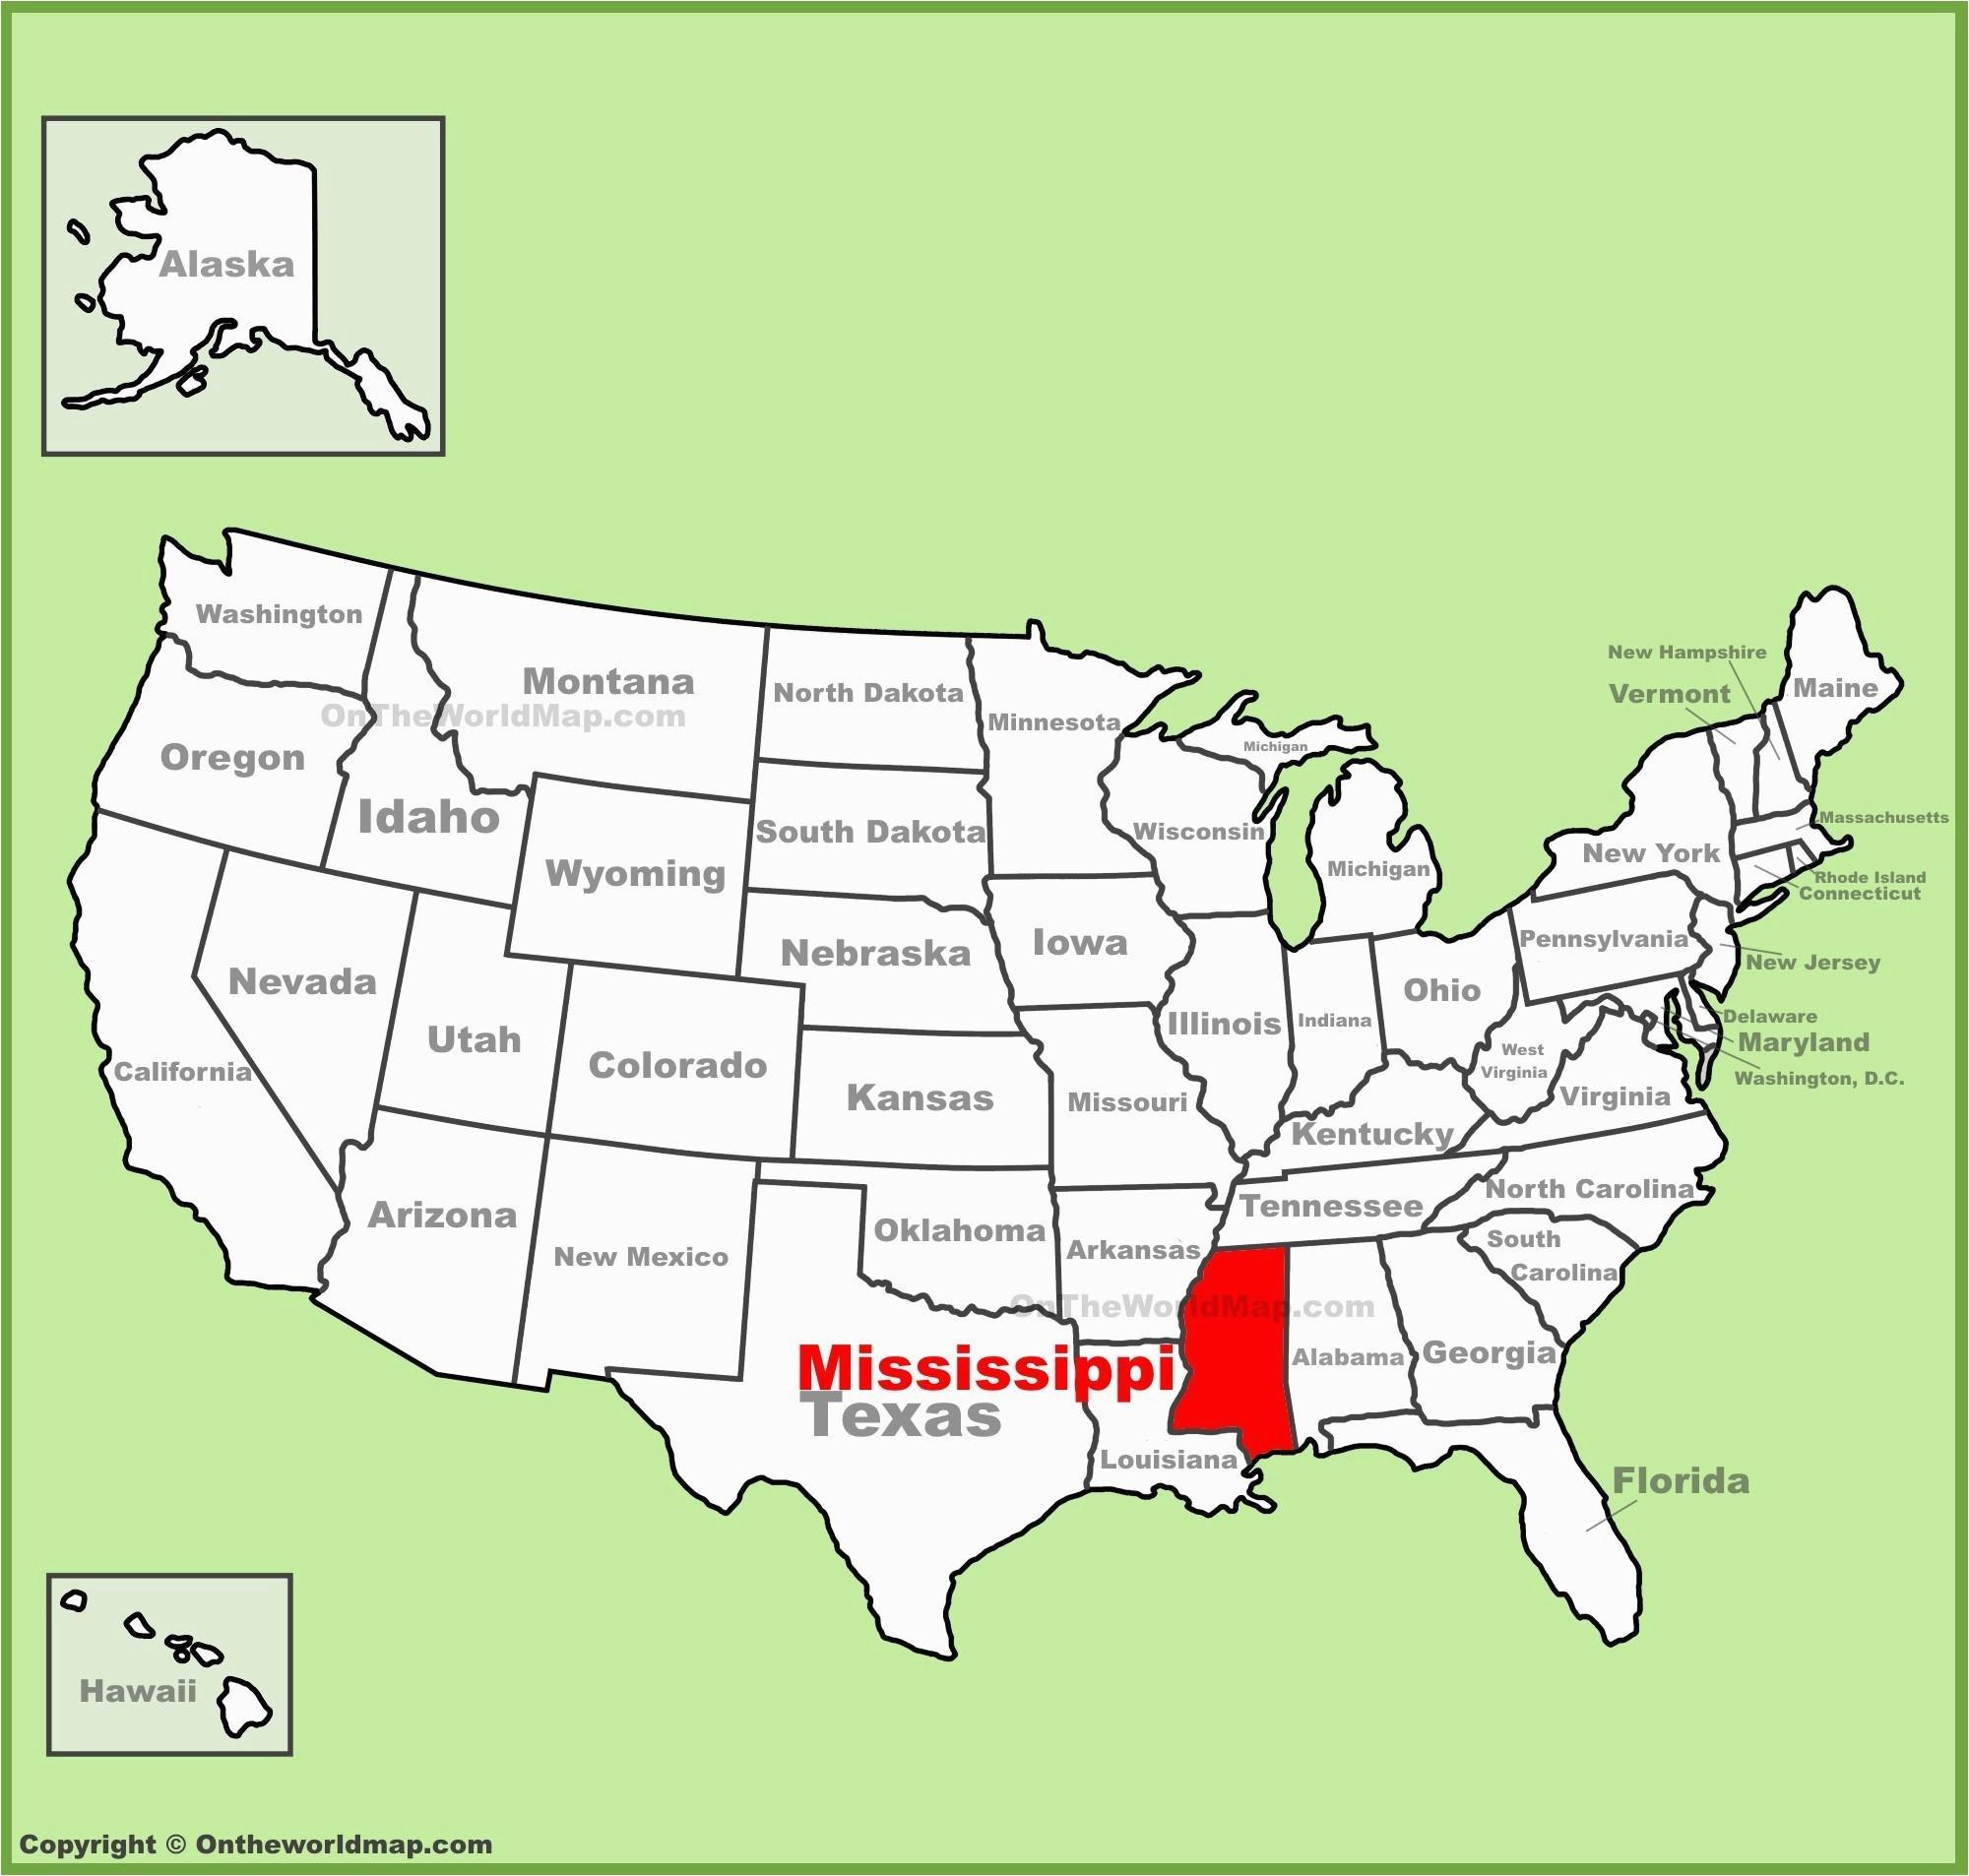 north carolina united states map fresh united states map showing